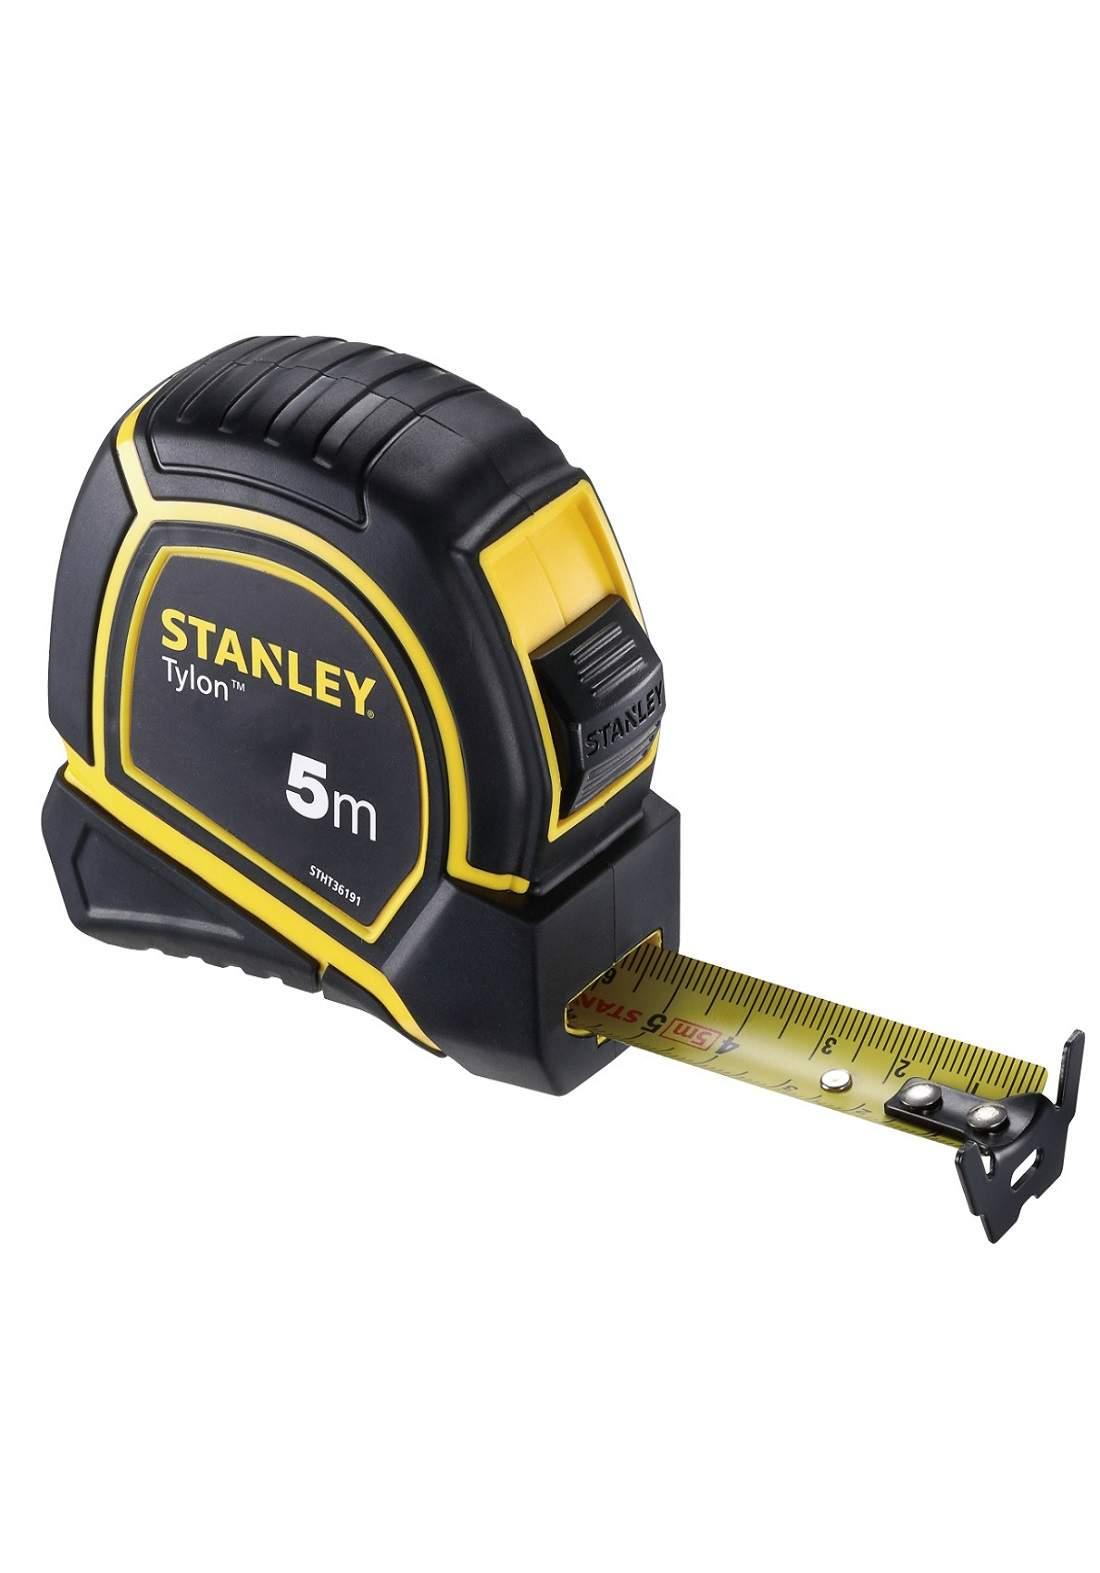 Stanley STHT36191 Tylon Measuring Tape 5m x19mm فيتة  5 م